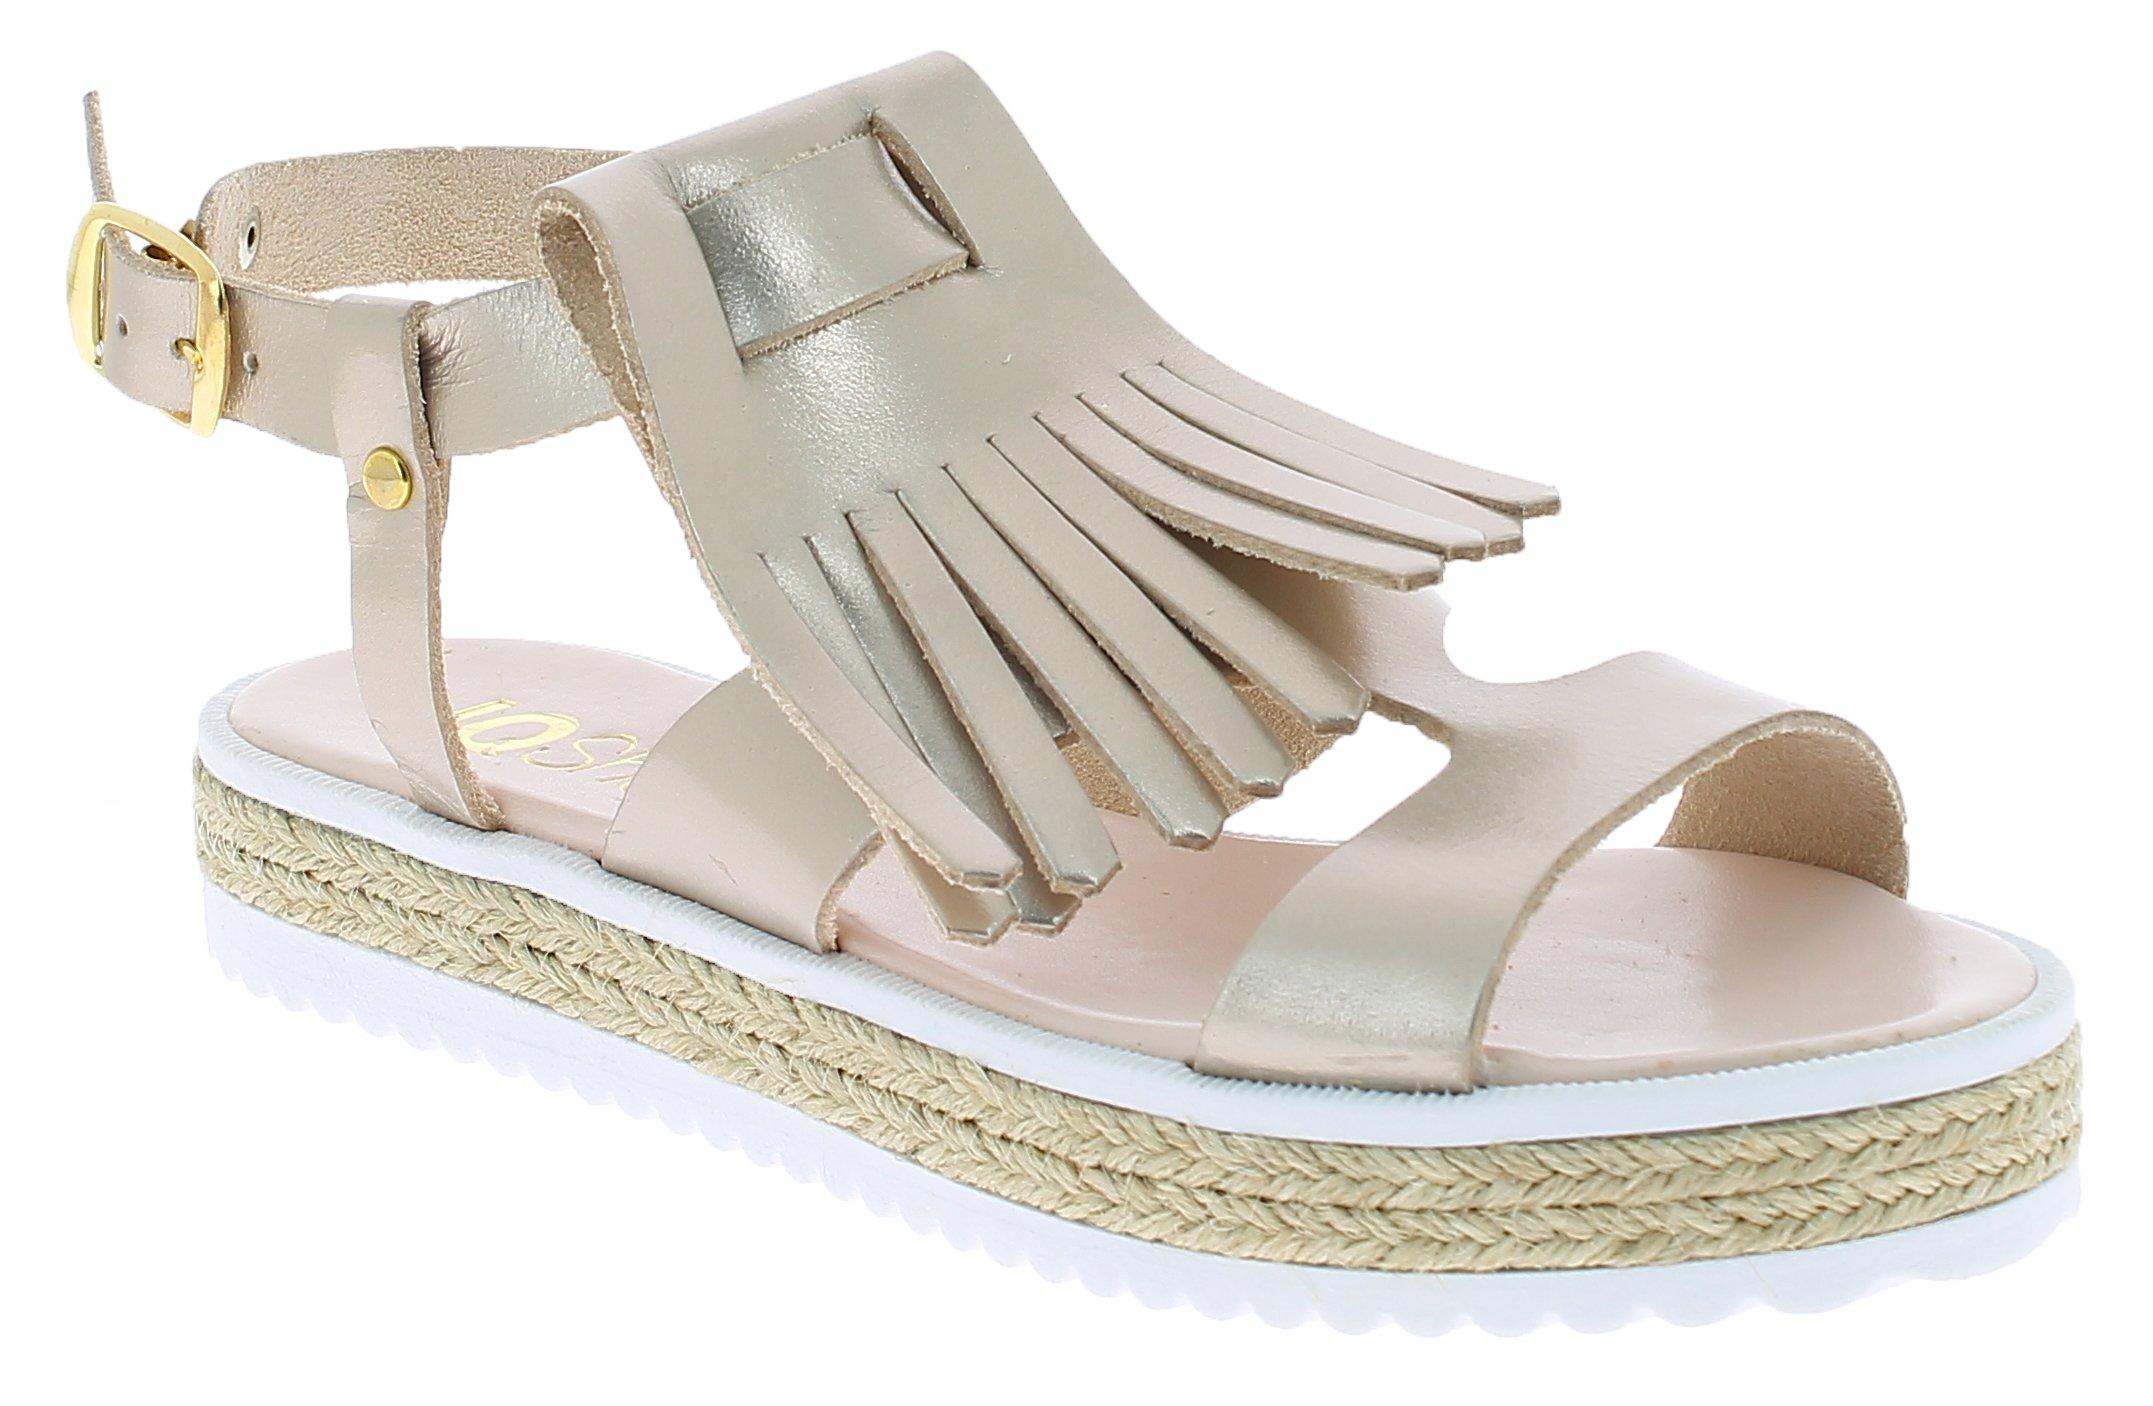 IQSHOES Γυναικείο Πέδιλο B90 Χρυσό - IqShoes - 50.B90K gold-gold-37/1/34/27 παπούτσια  προσφορεσ